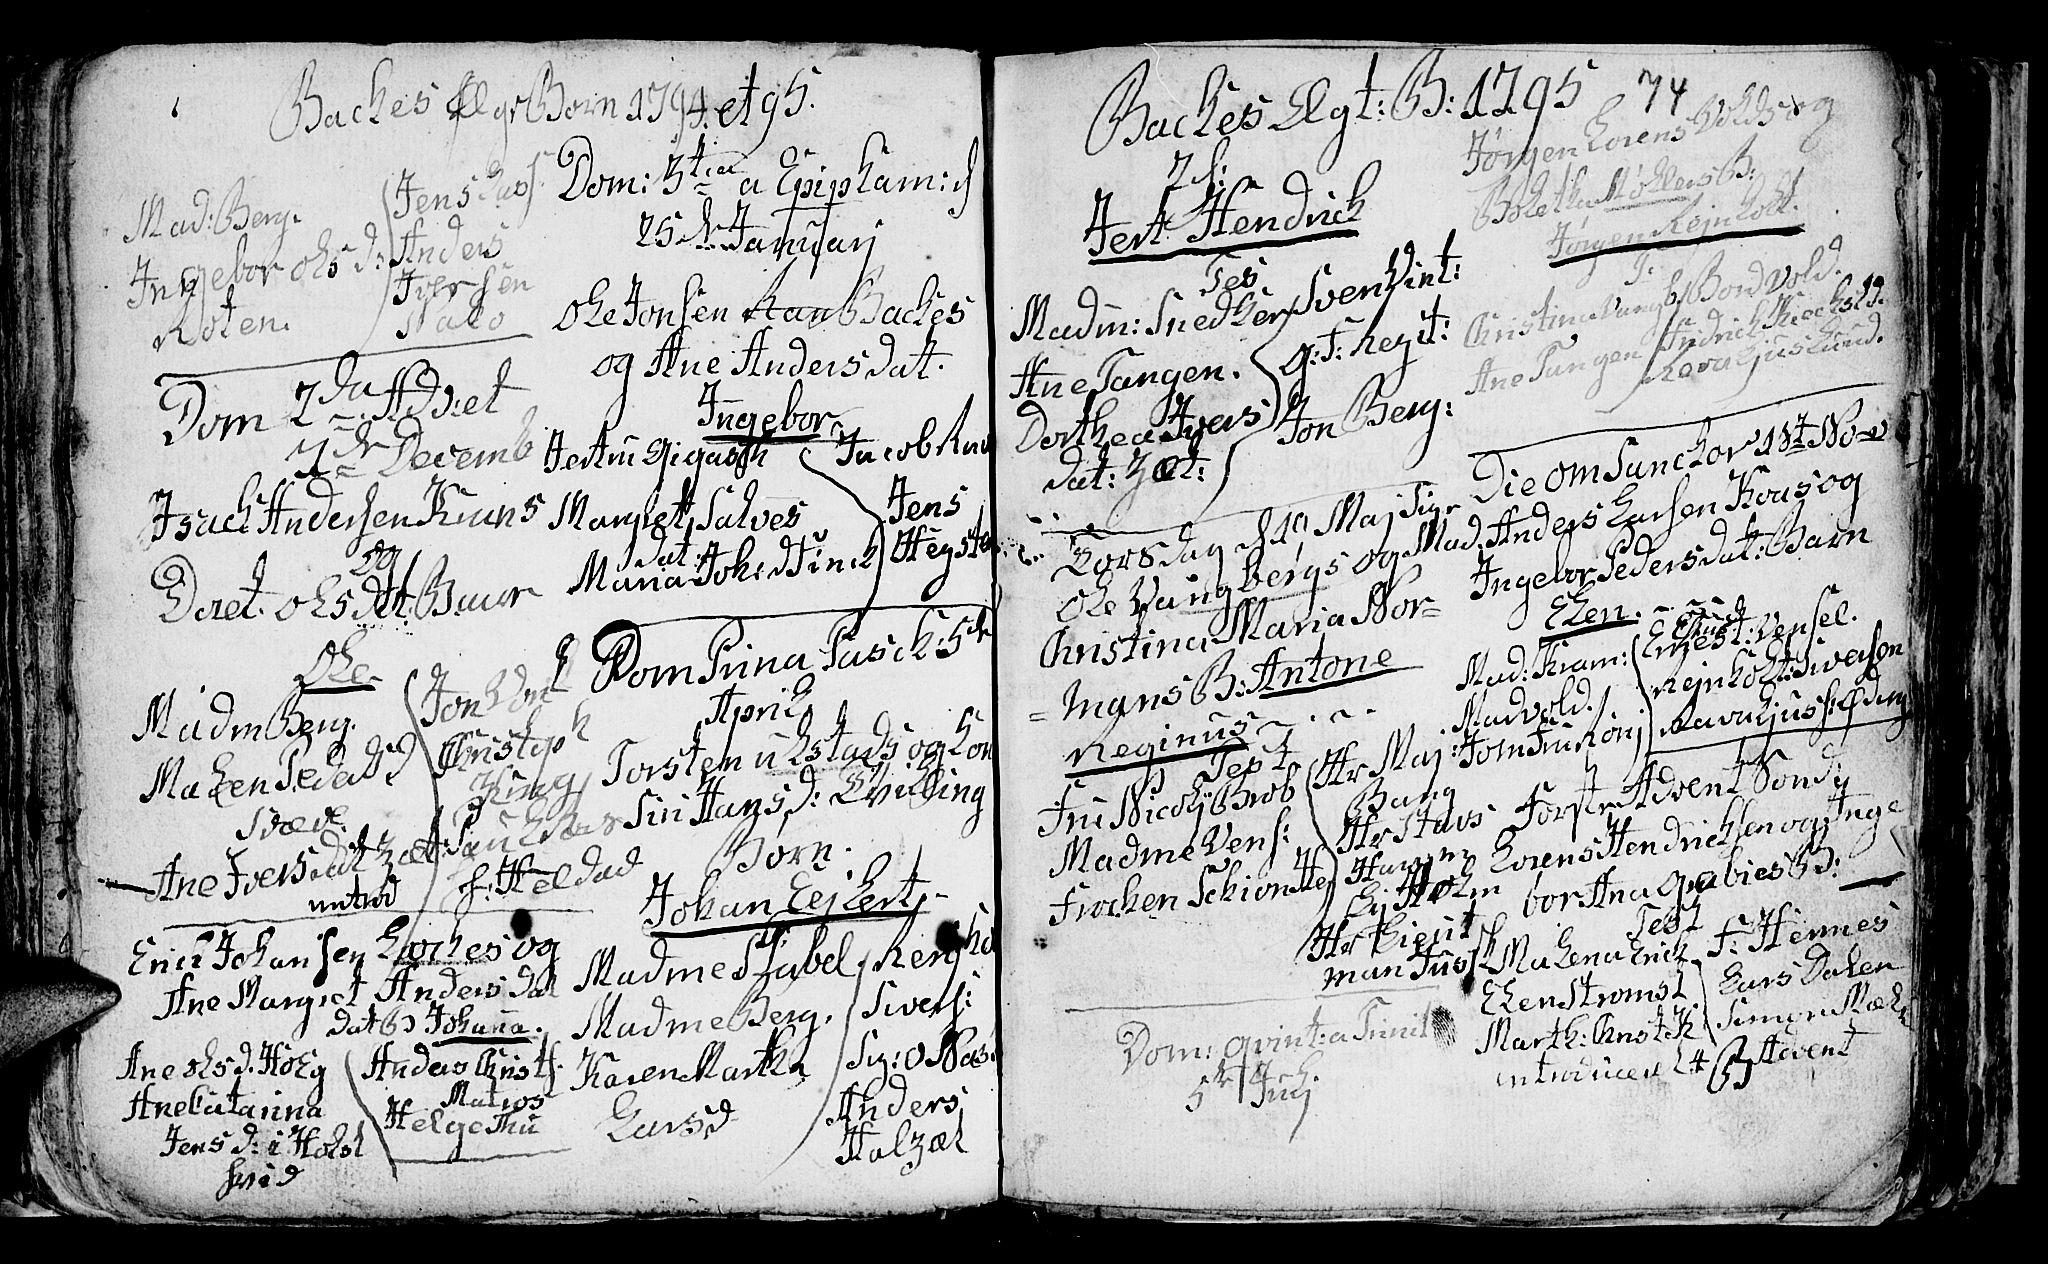 SAT, Ministerialprotokoller, klokkerbøker og fødselsregistre - Sør-Trøndelag, 604/L0218: Klokkerbok nr. 604C01, 1754-1819, s. 74